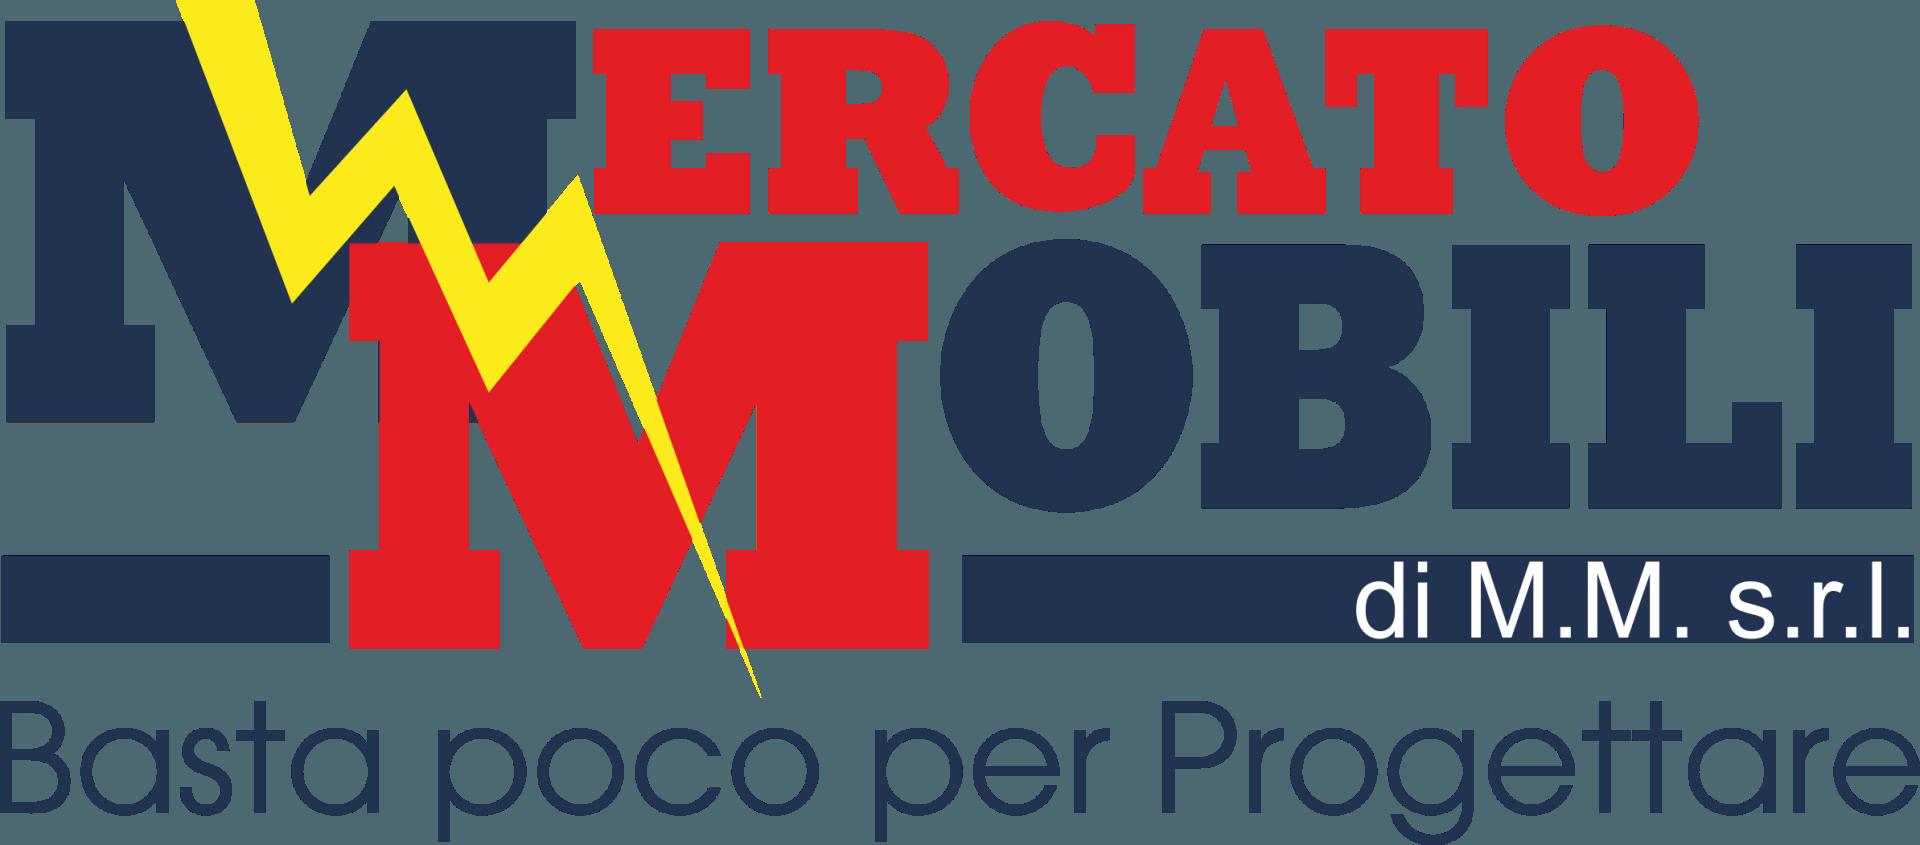 Cameretta A Ponte A Palermo.Vendita Camerette Palermo Pa Mercato Mobili Di M M Srl